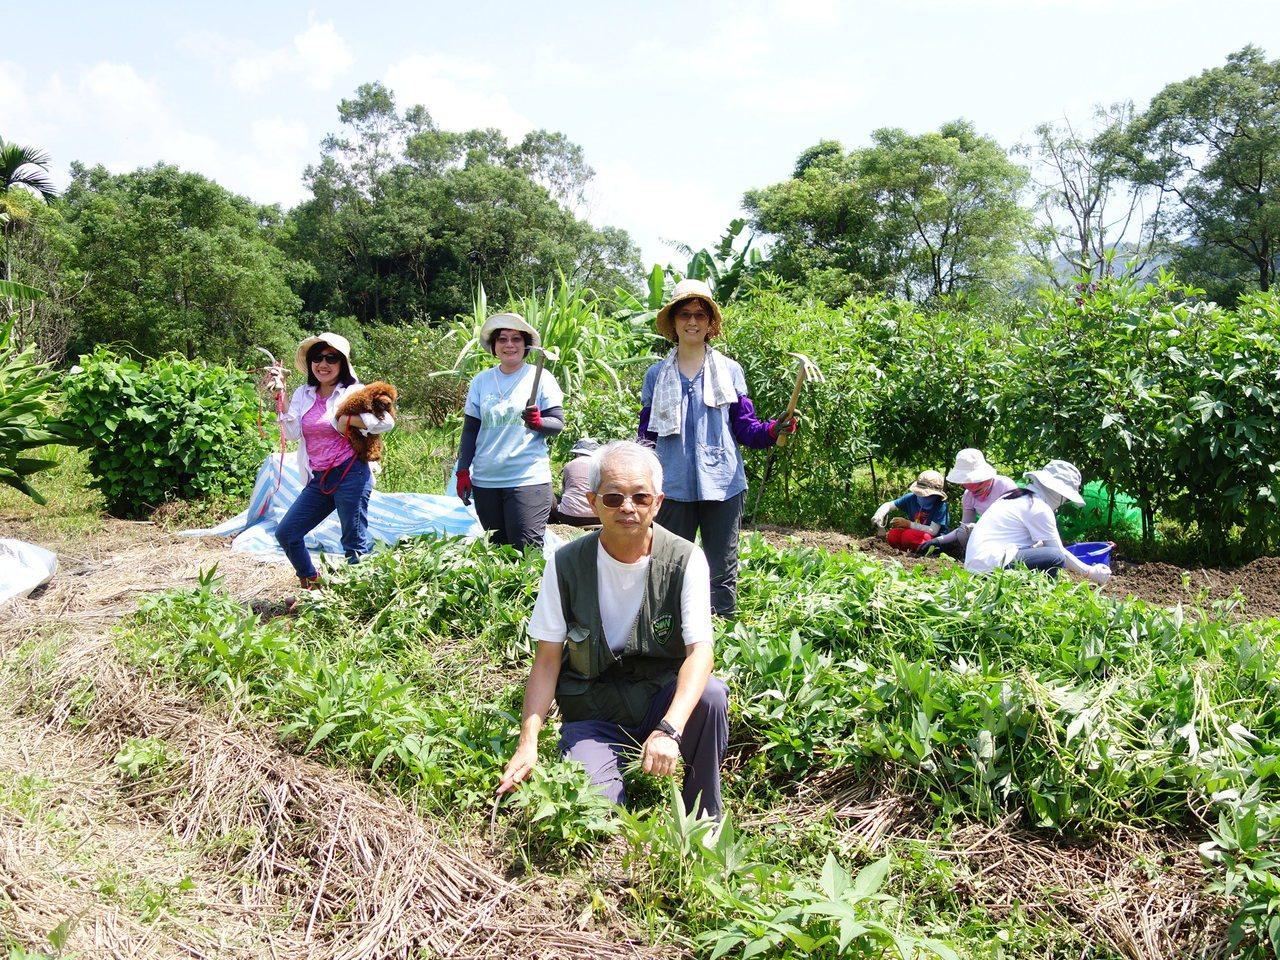 許天麟心繫保育生態環境,因著解說而懂植物,更有機會接觸農田,也是荒野推動油羅田的...